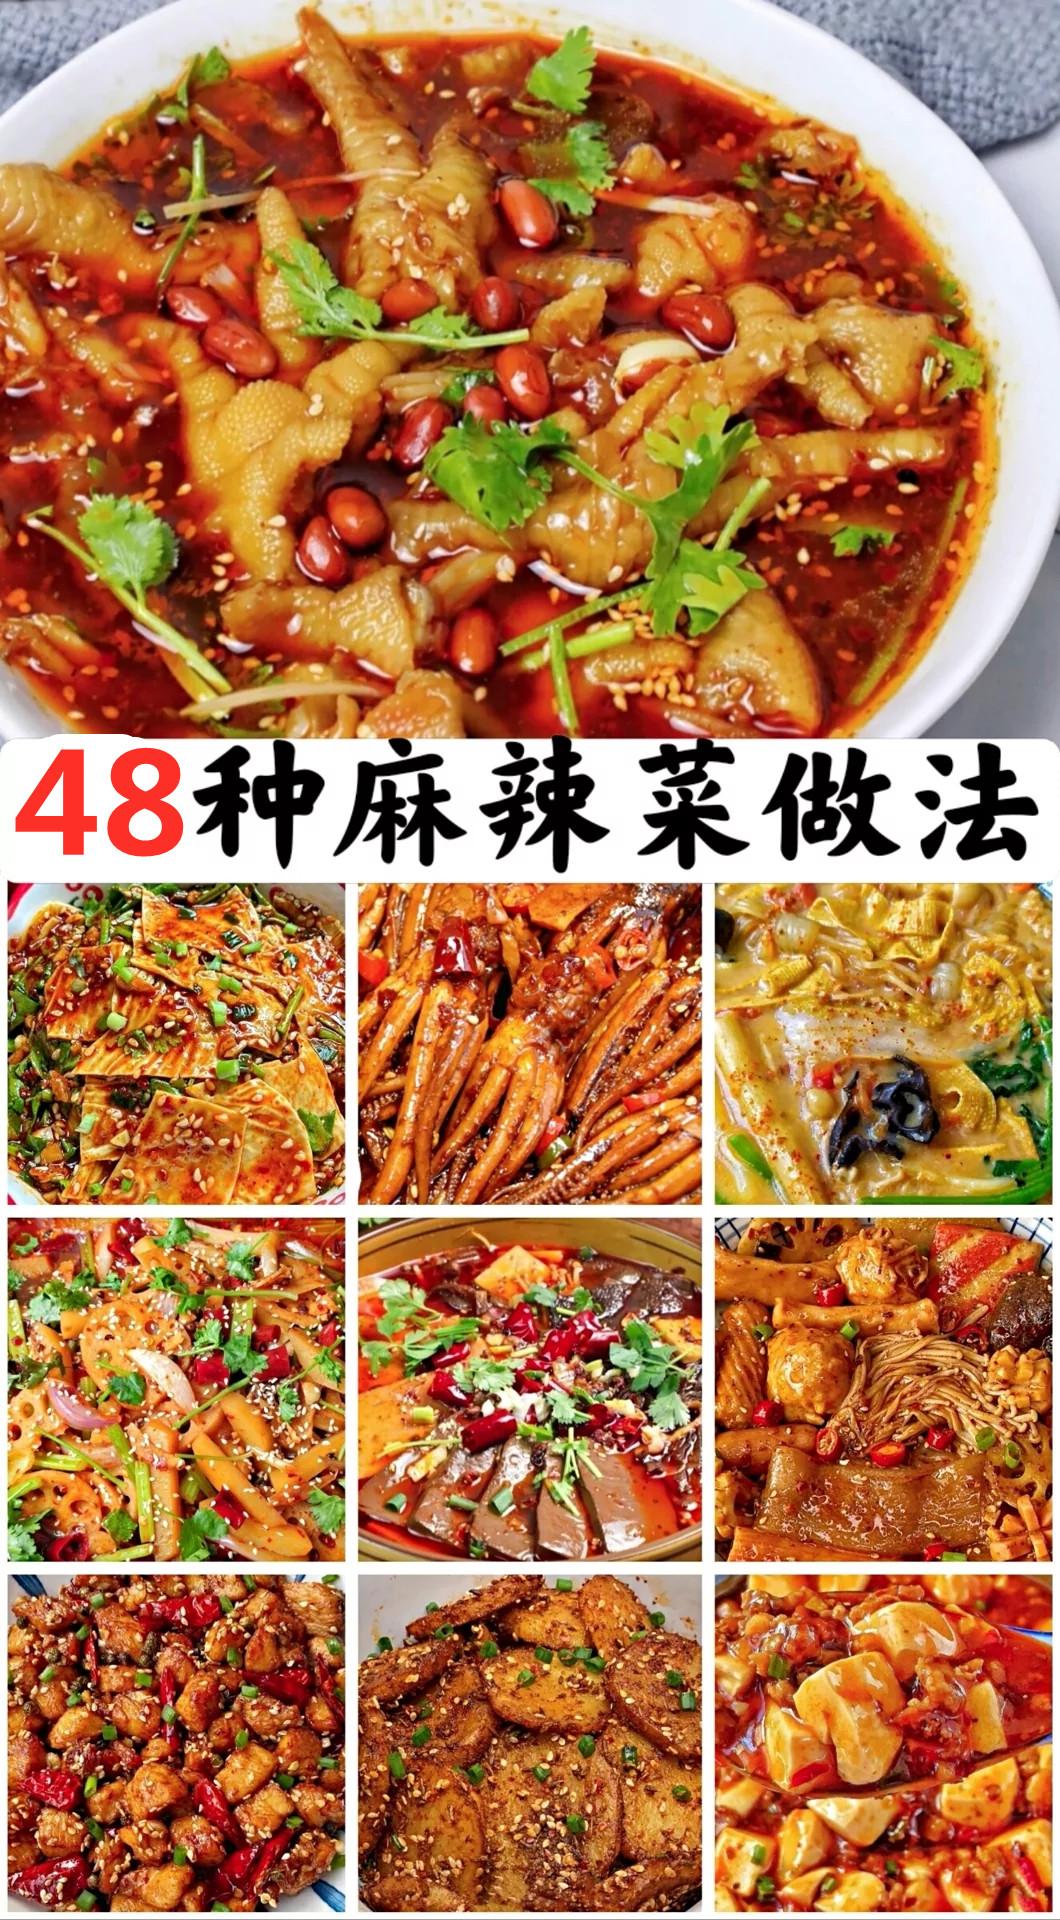 麻辣口味菜做法及配料 美食做法 第1张